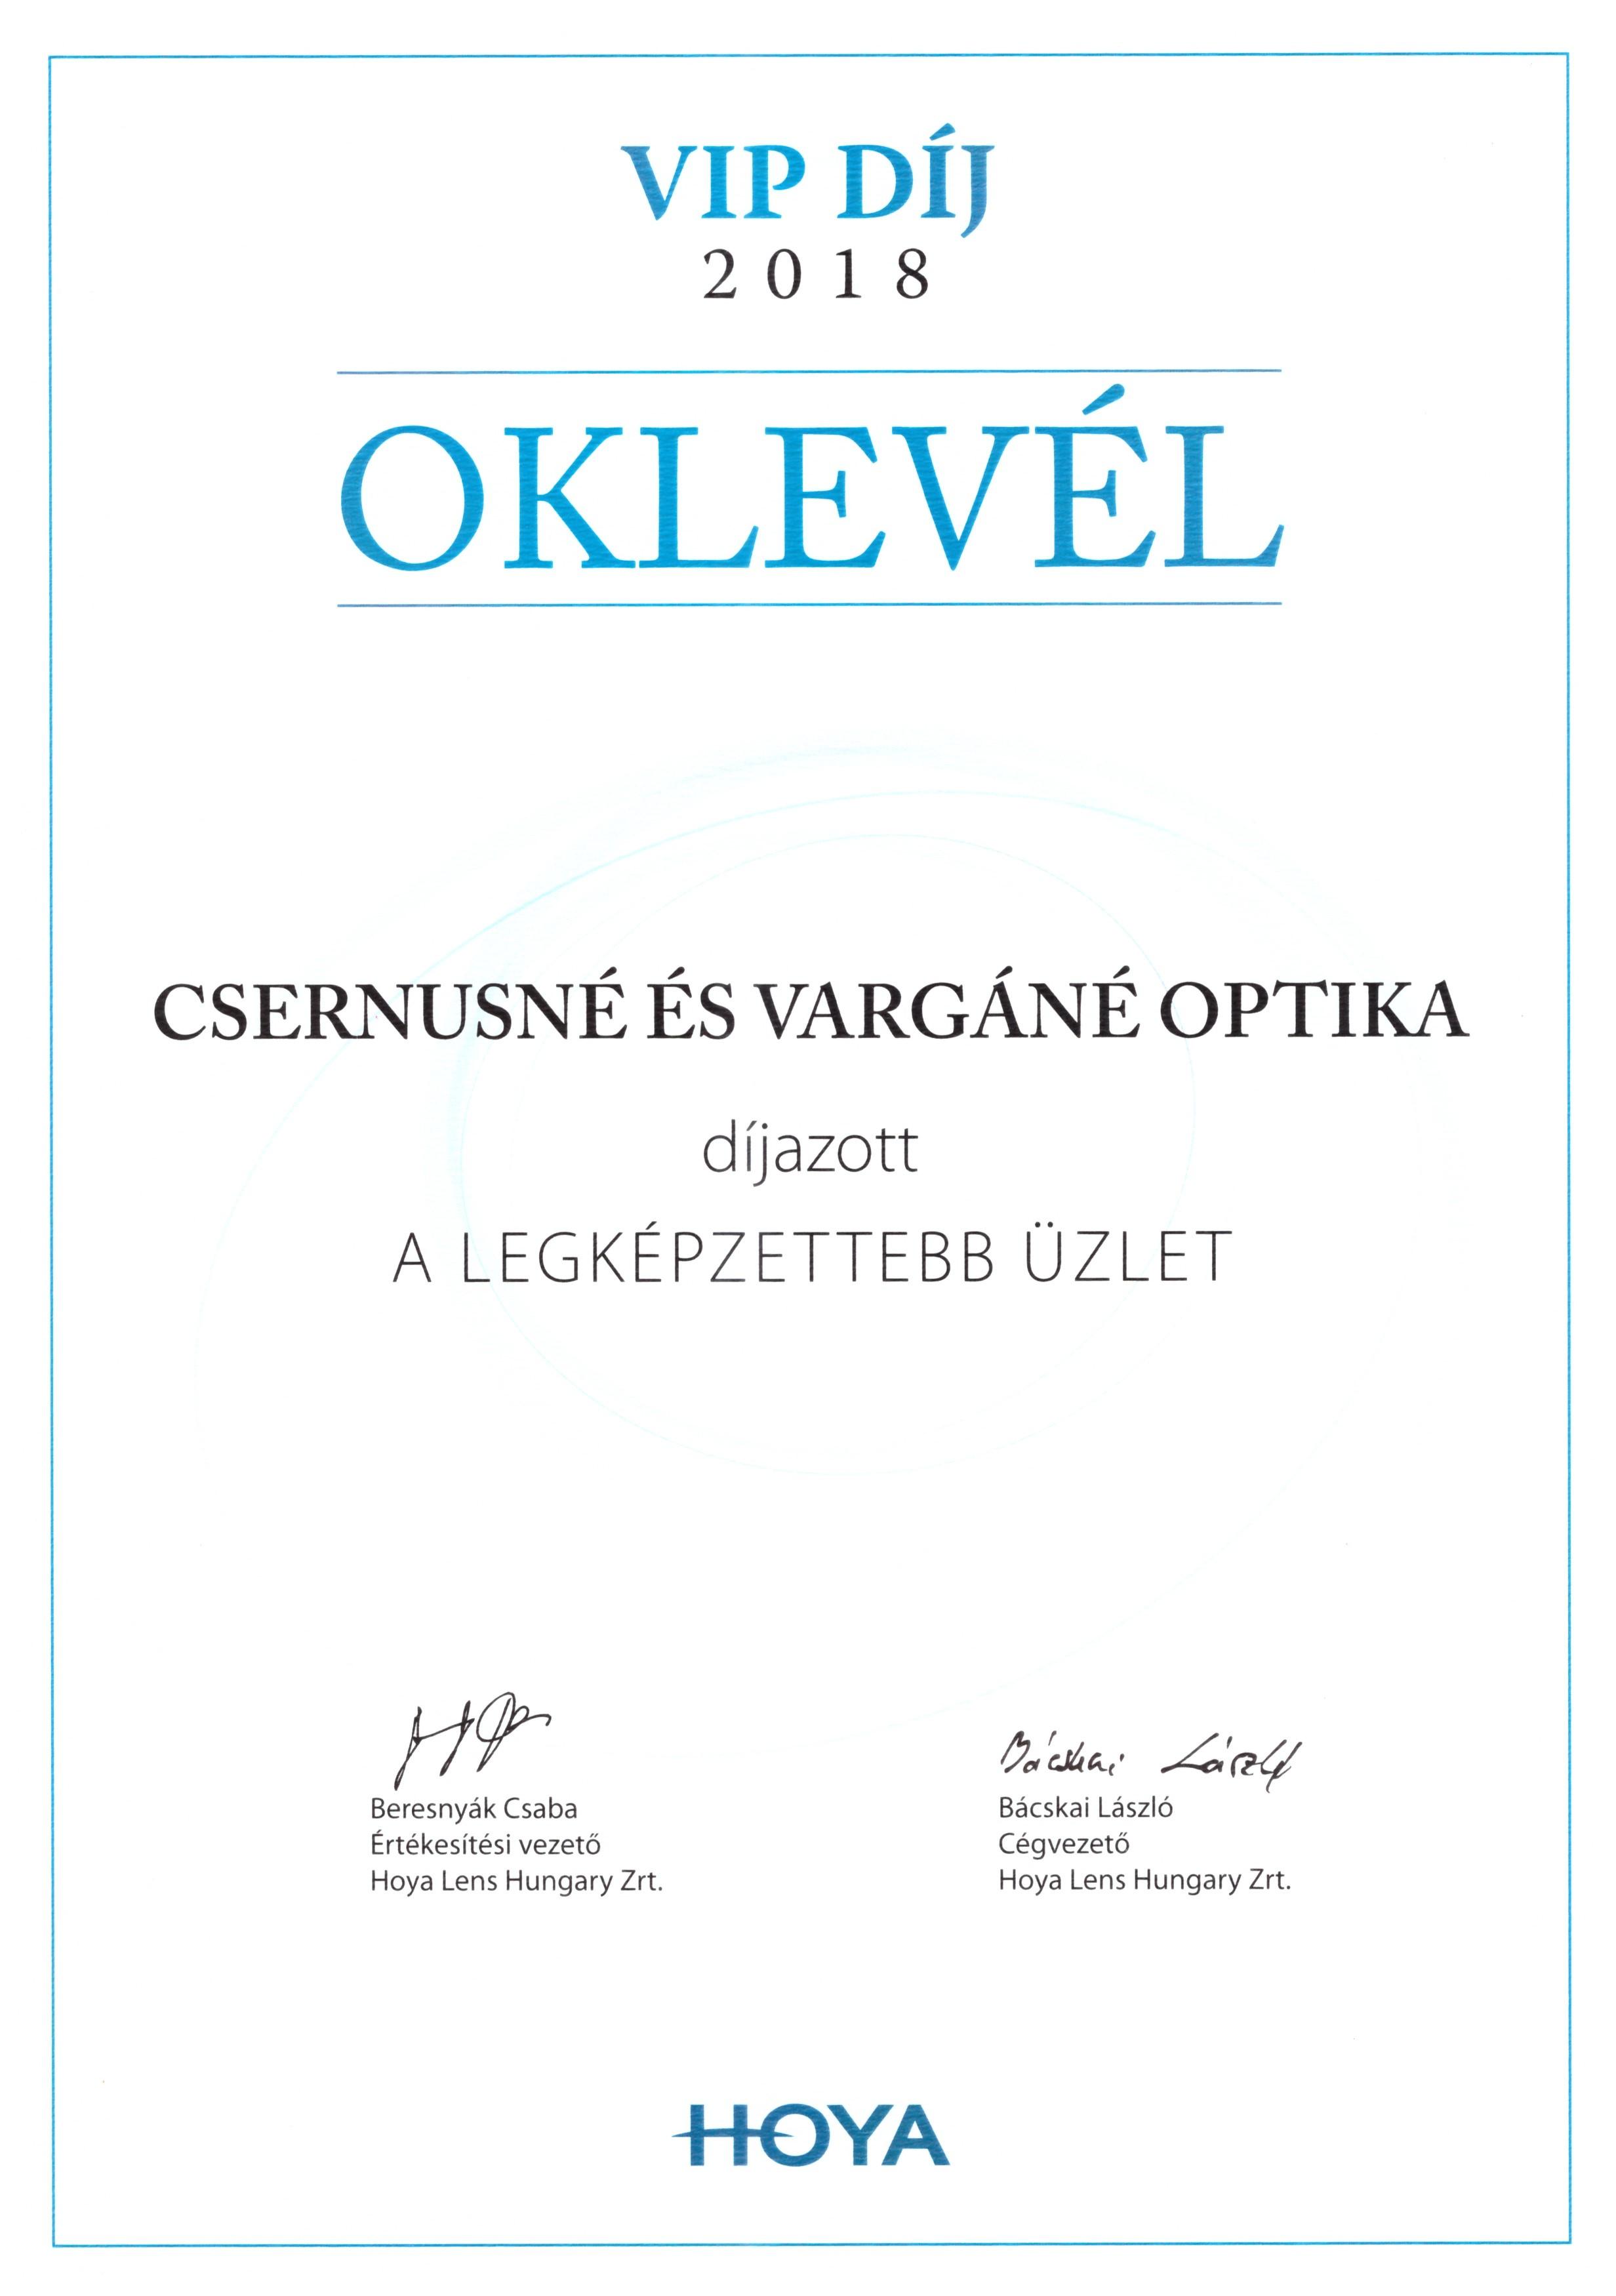 HOYA VIP díj 2018 - Csernusné és Varágné Optika, mint a legképzettebb optikai üzlet